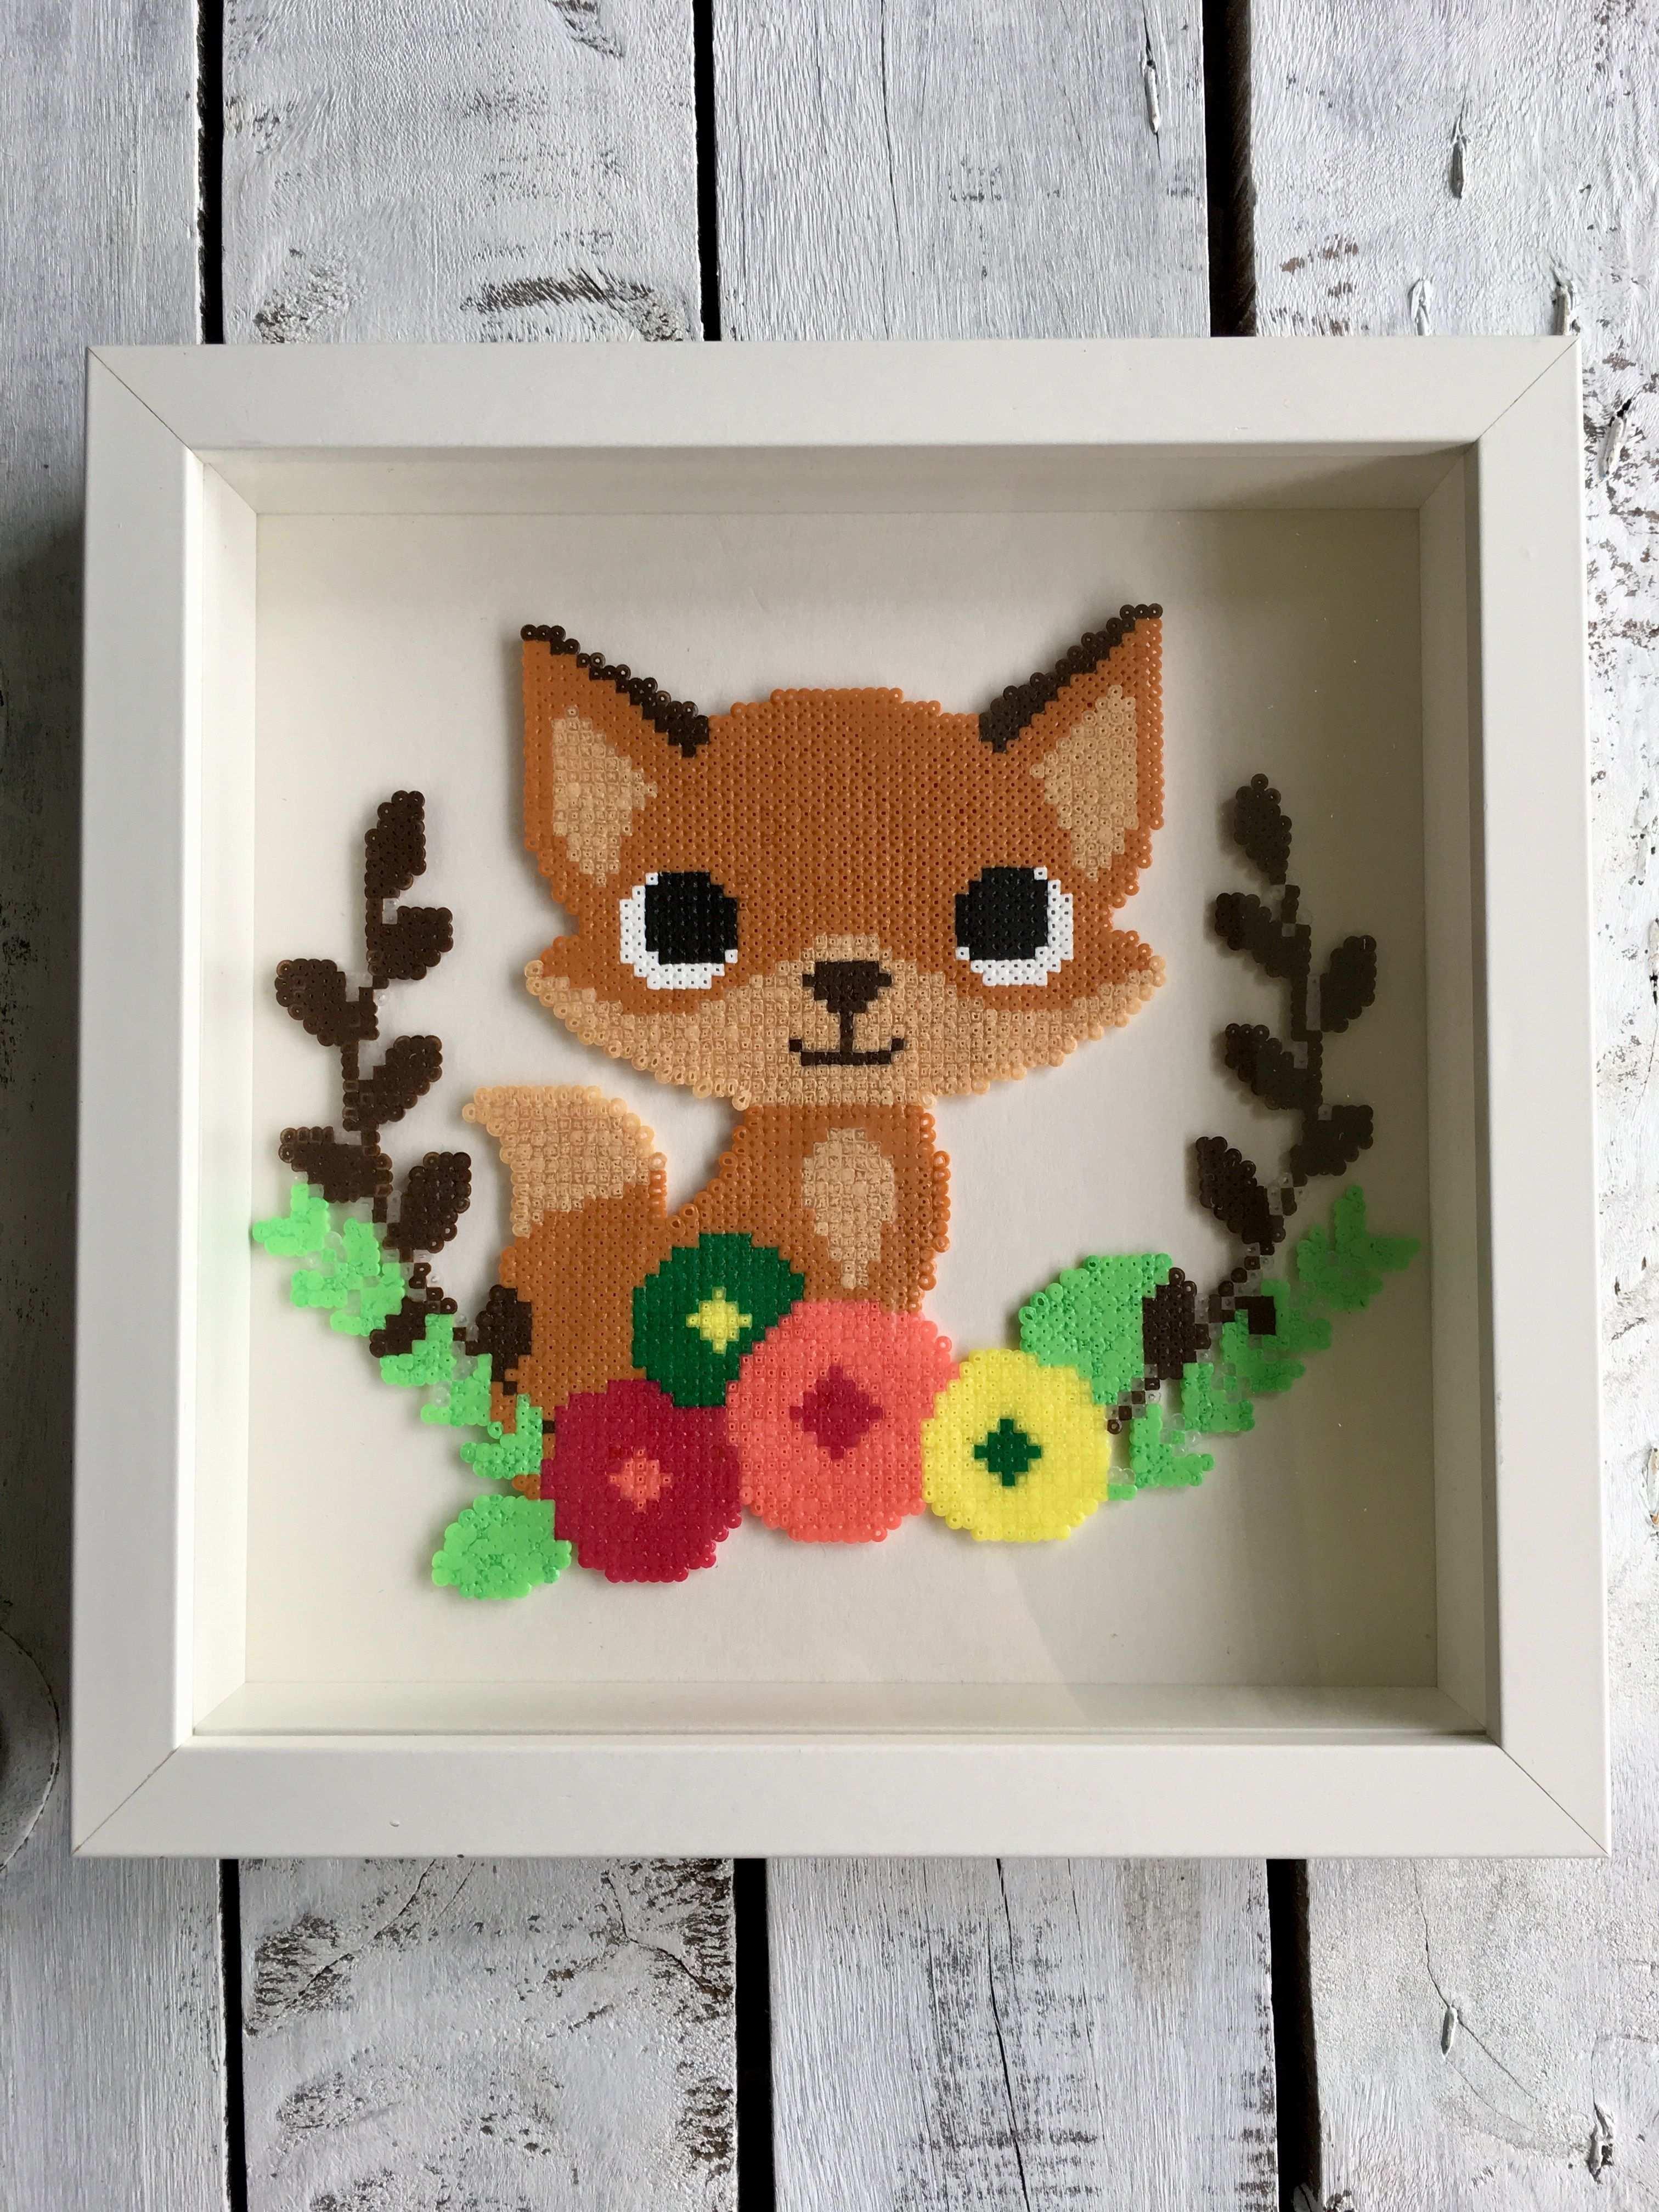 Fuchs Fox Bugelperlen Hama Beads Perler By Dassommersprossenmaedchen Basteln Bugelperlen Bugelperlen Basteln